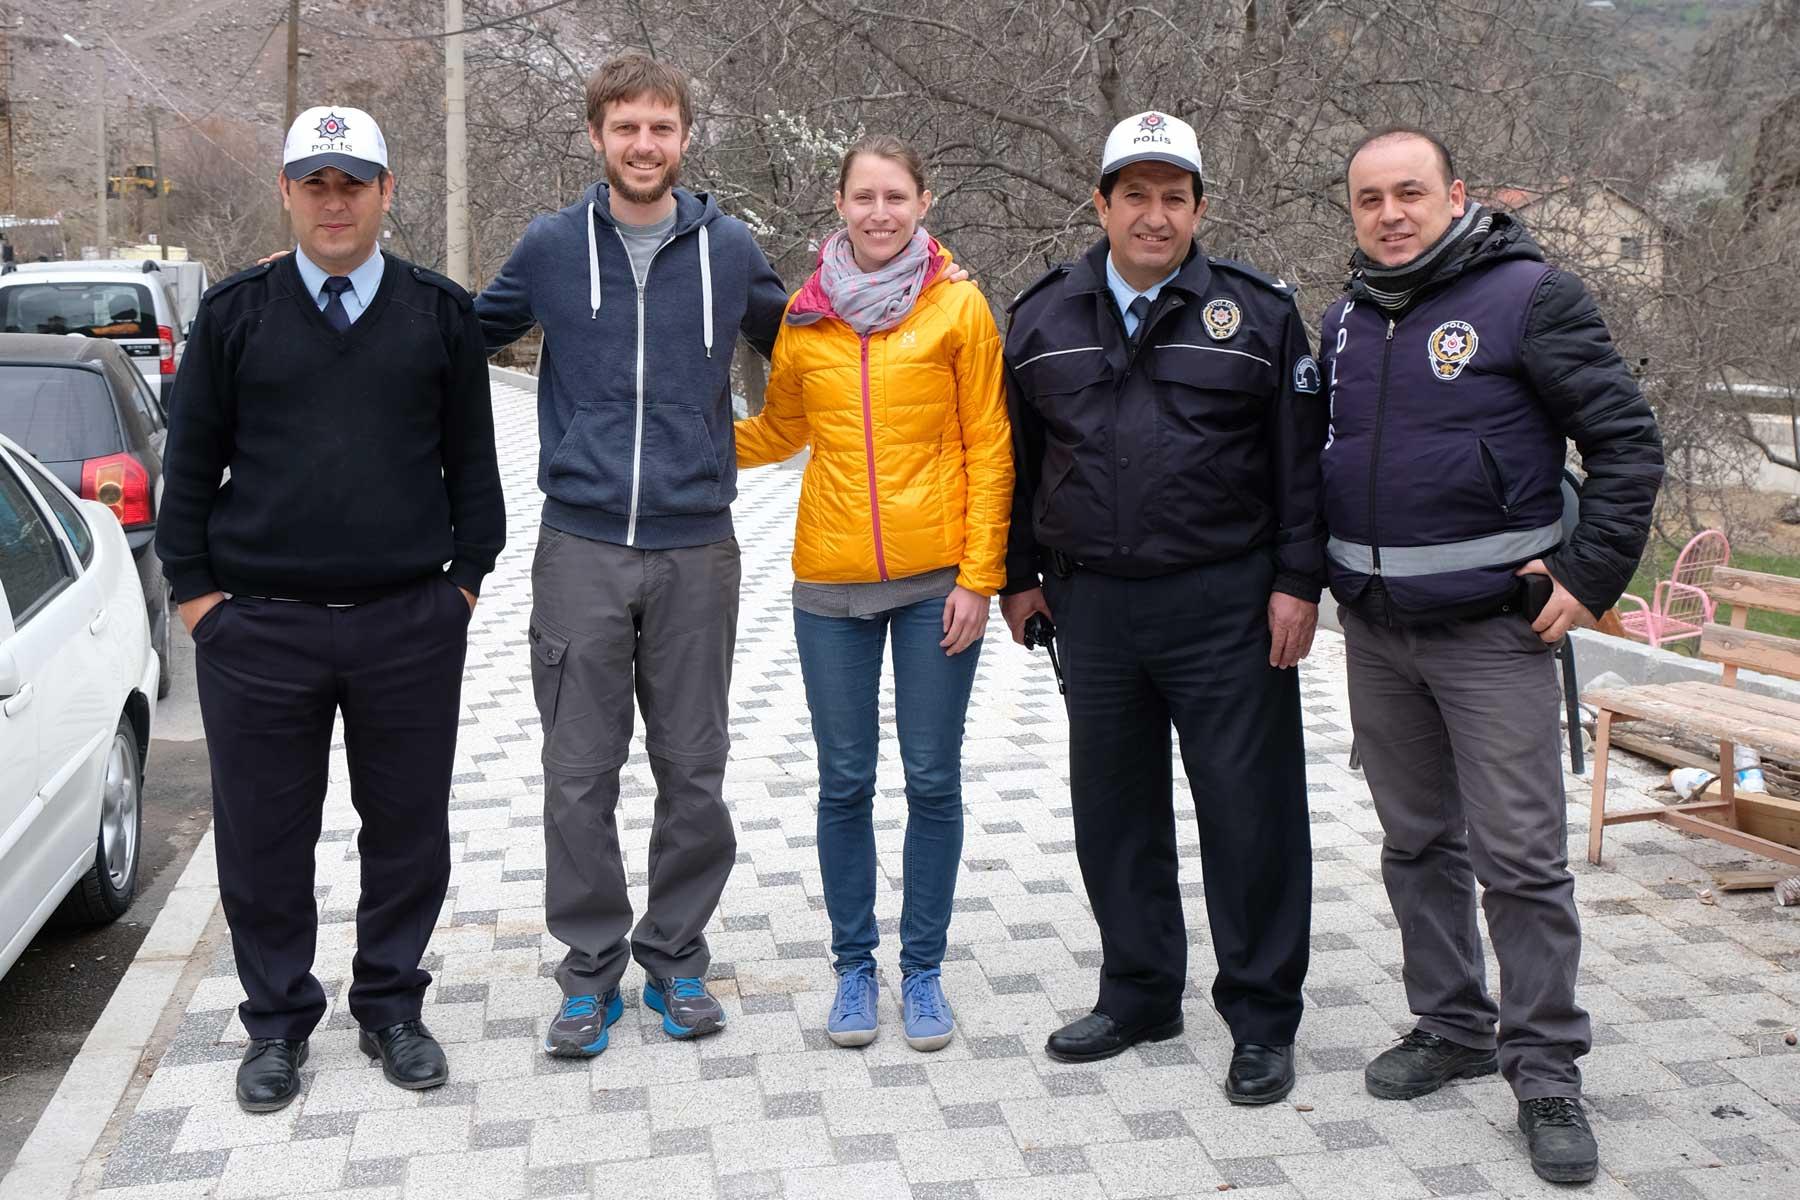 Abschiedsfoto mit einigen der netten türkischen Polizisten, die uns bei der Straßenkontrolle spontan auf einen Tee einluden.